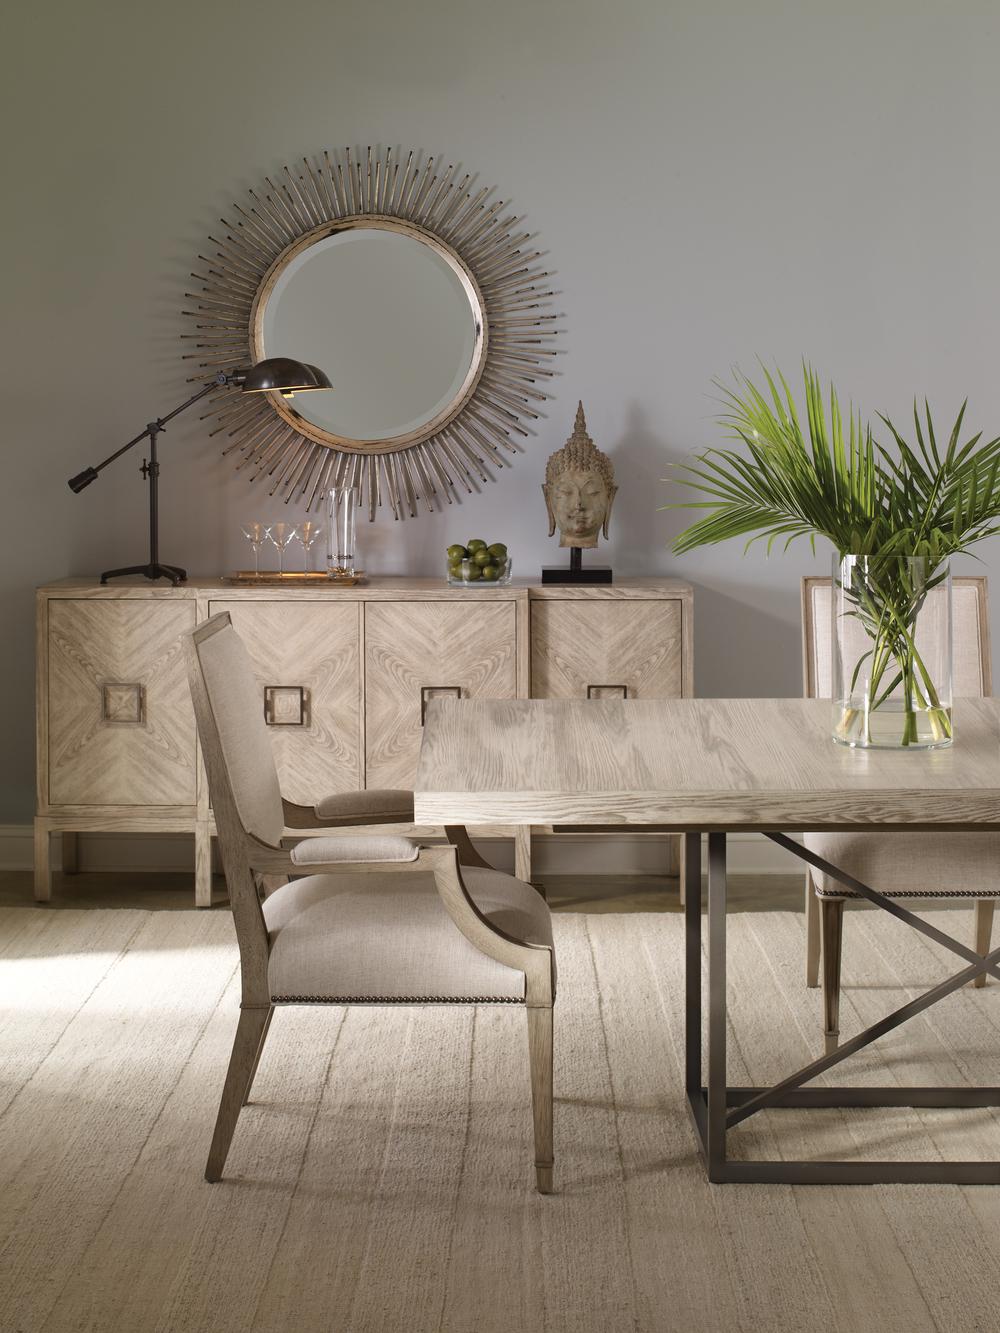 Vanguard Furniture - Leighton Arm Chair